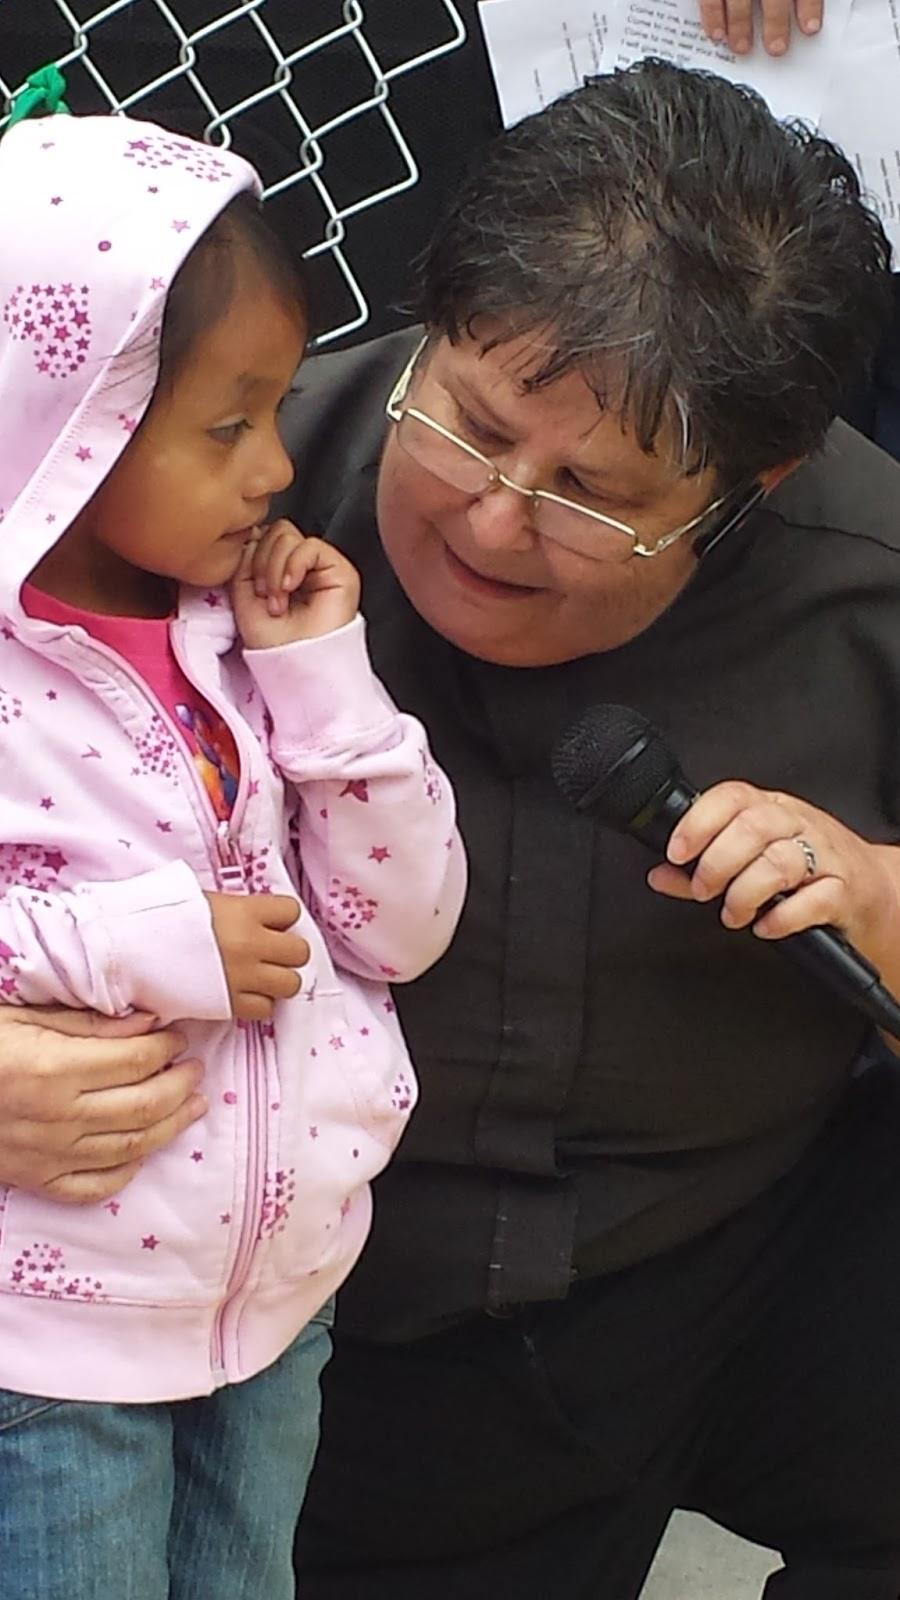 Anna+y+child[1]